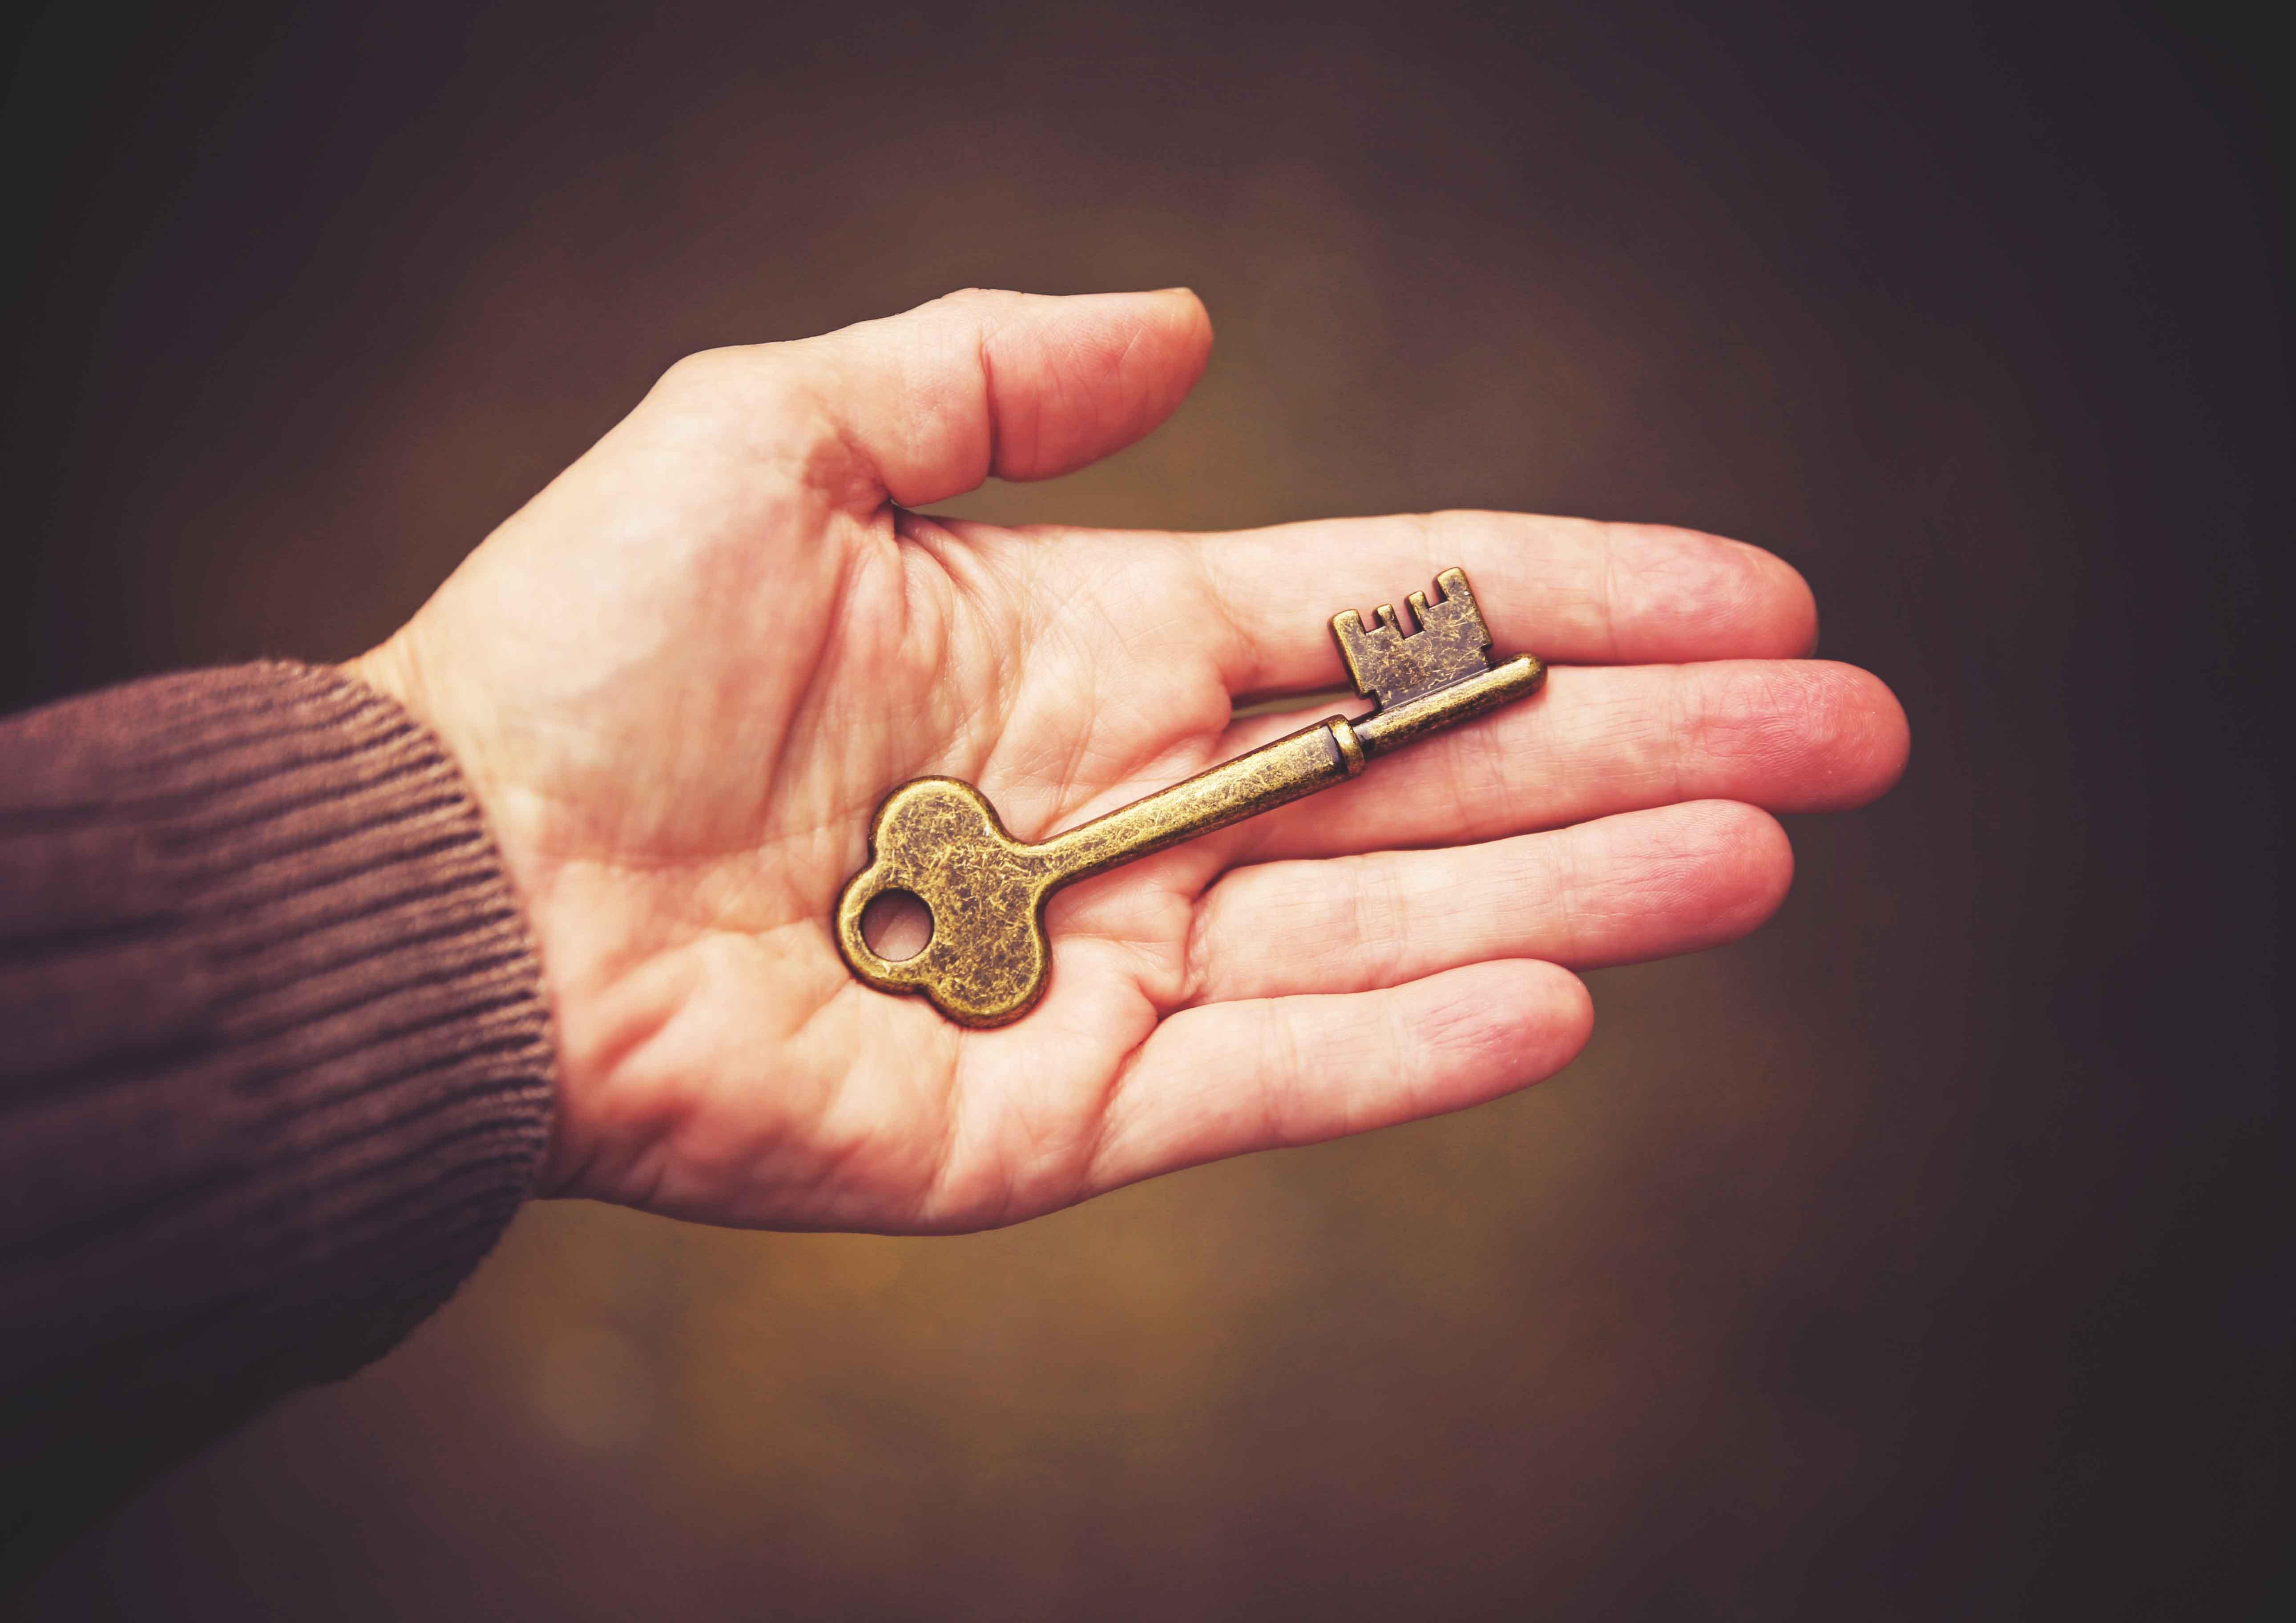 Какие бывают приметы с ключами, что означает найти или потерять ключ, как правильно толковать